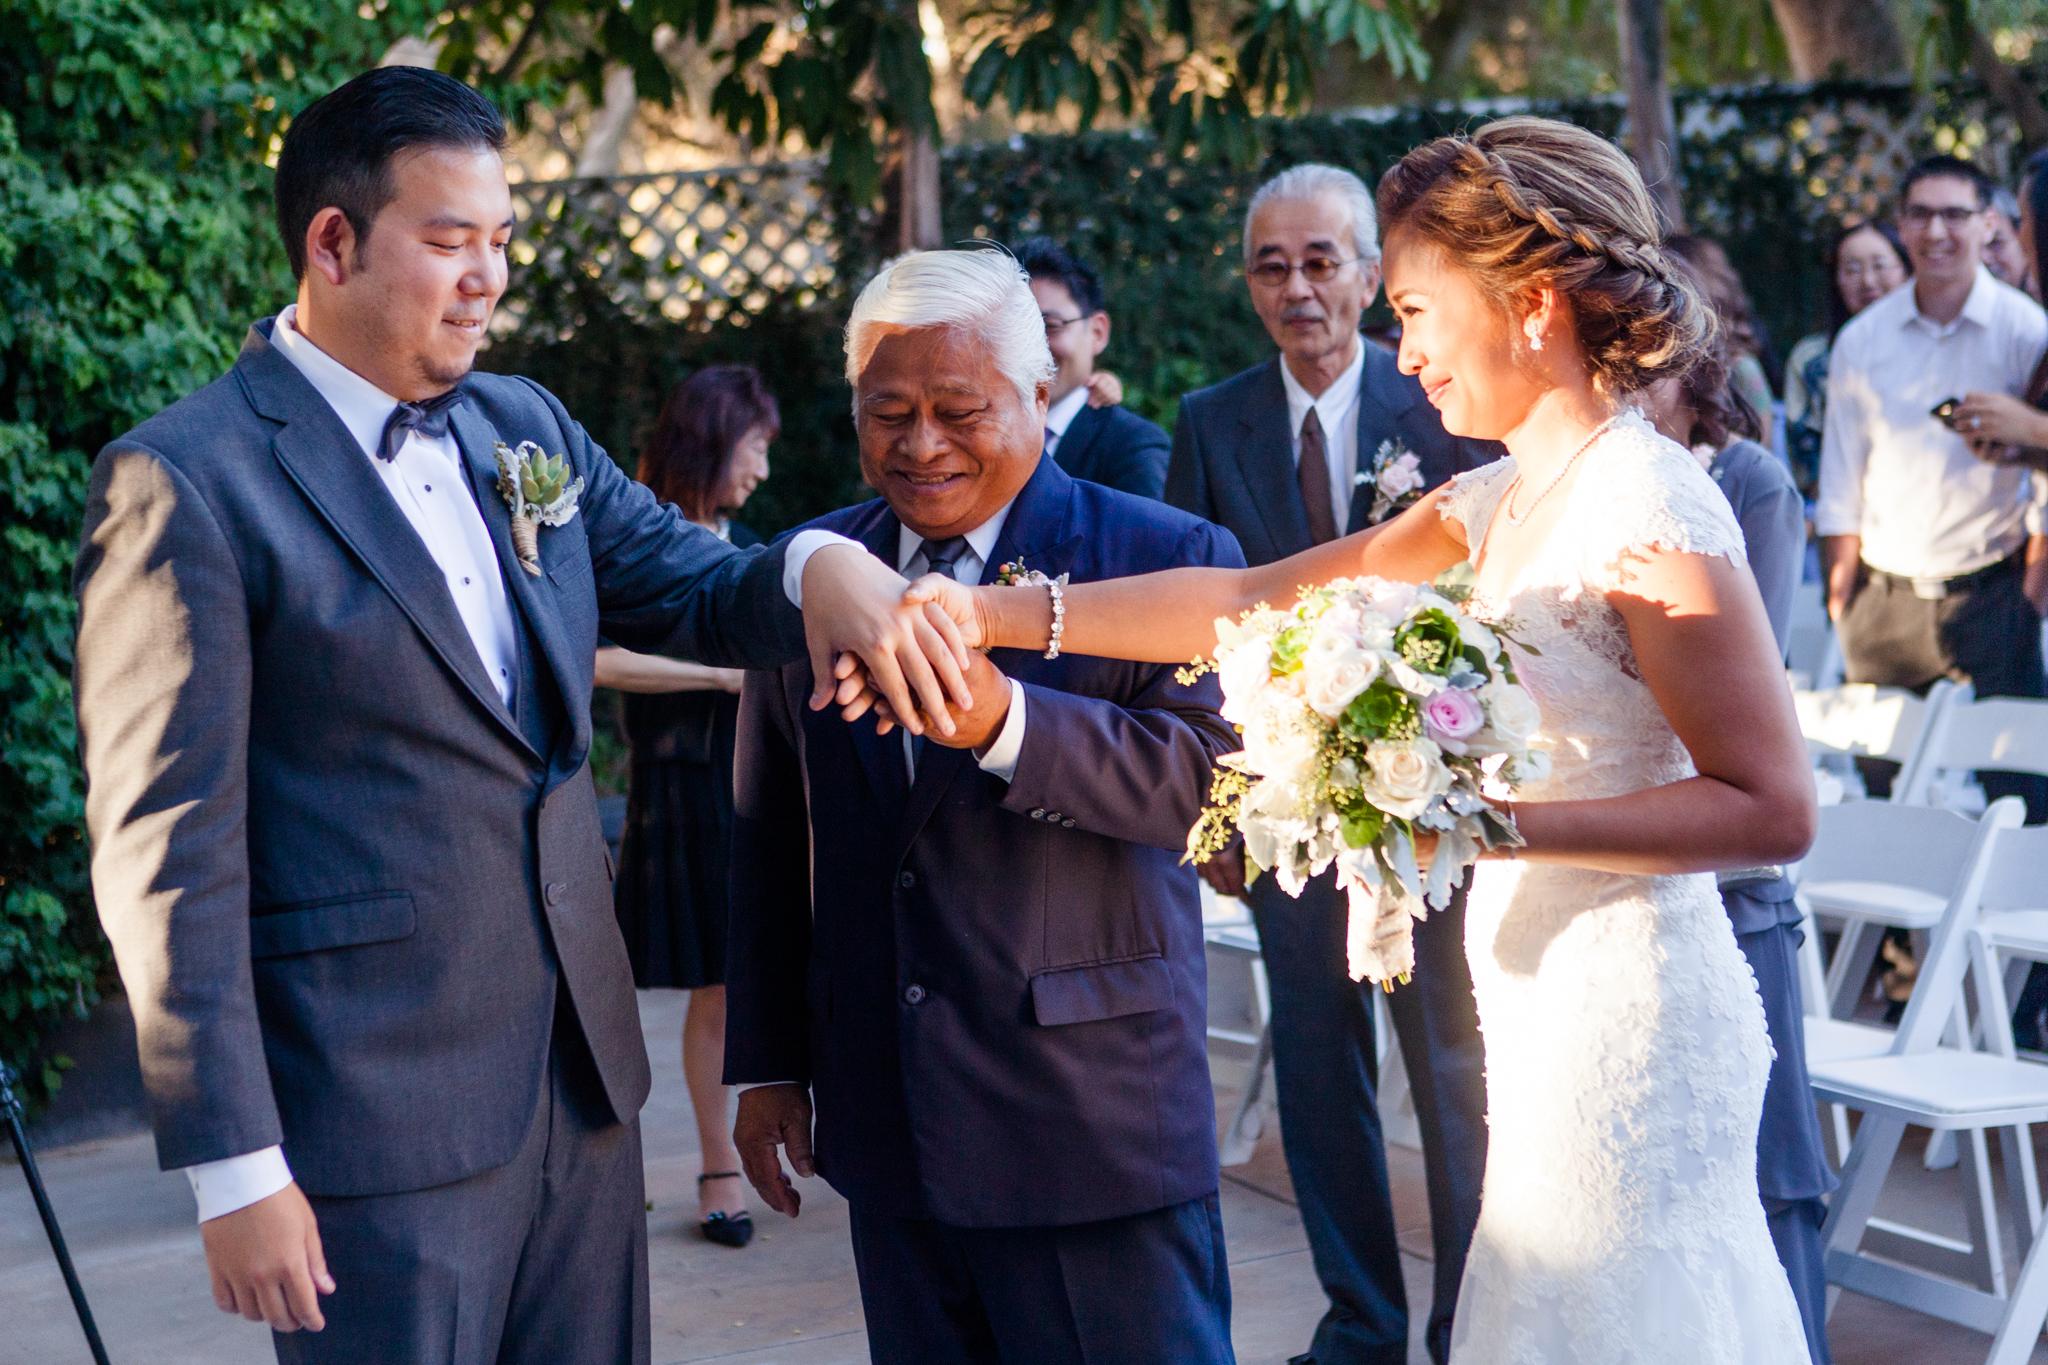 rl-Wedding-Ceremony-Som+Yusuke-253.jpg